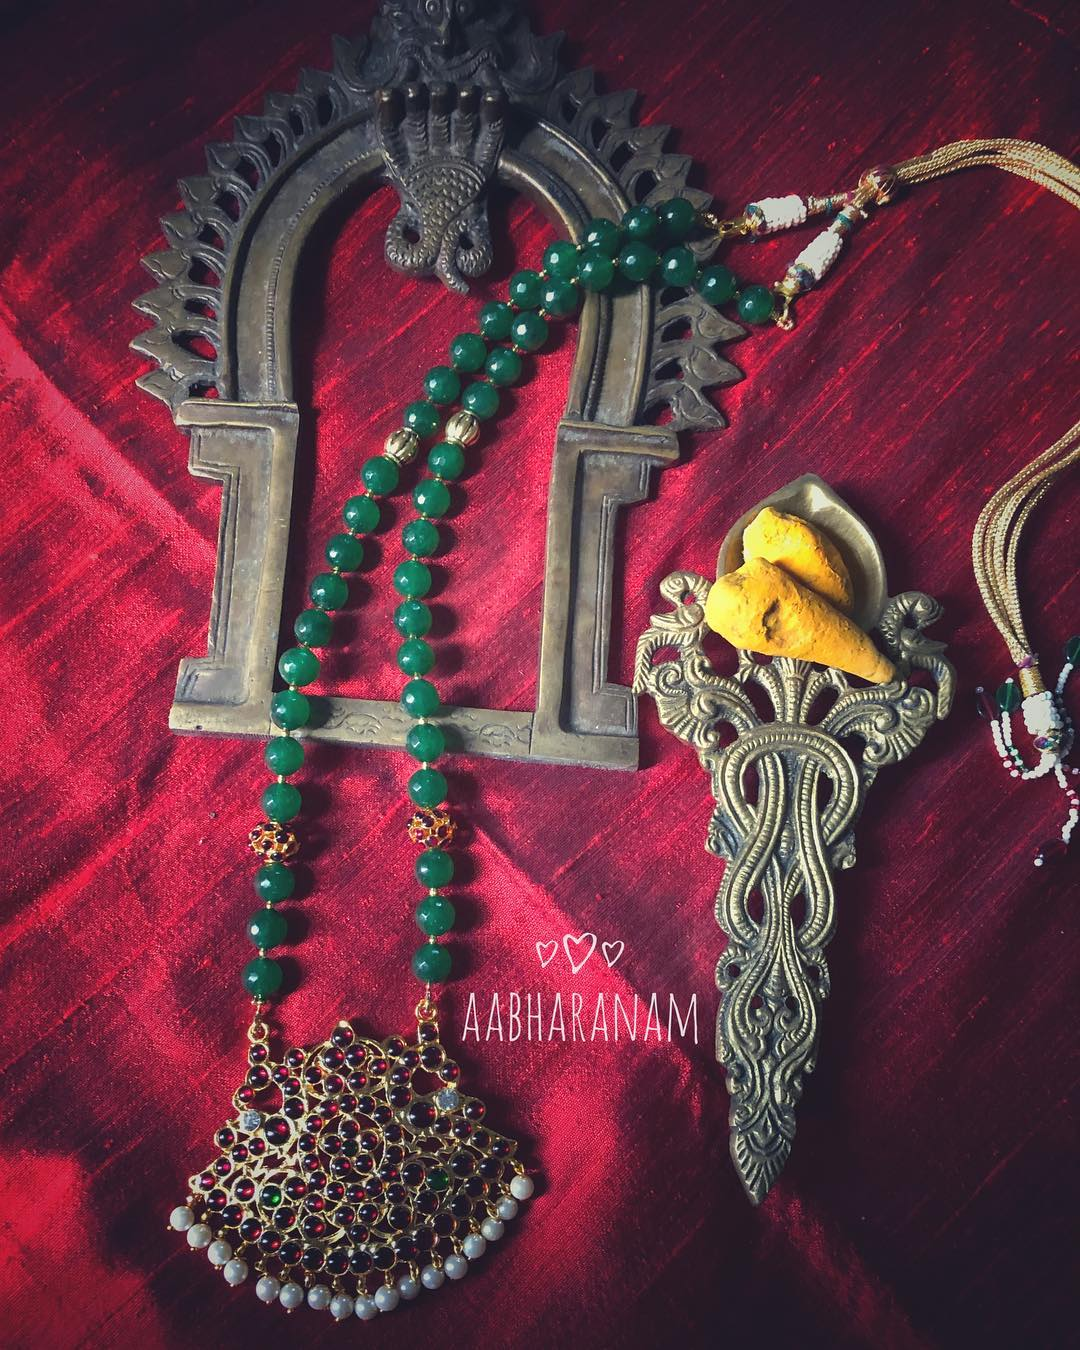 Imitation temple jewellery